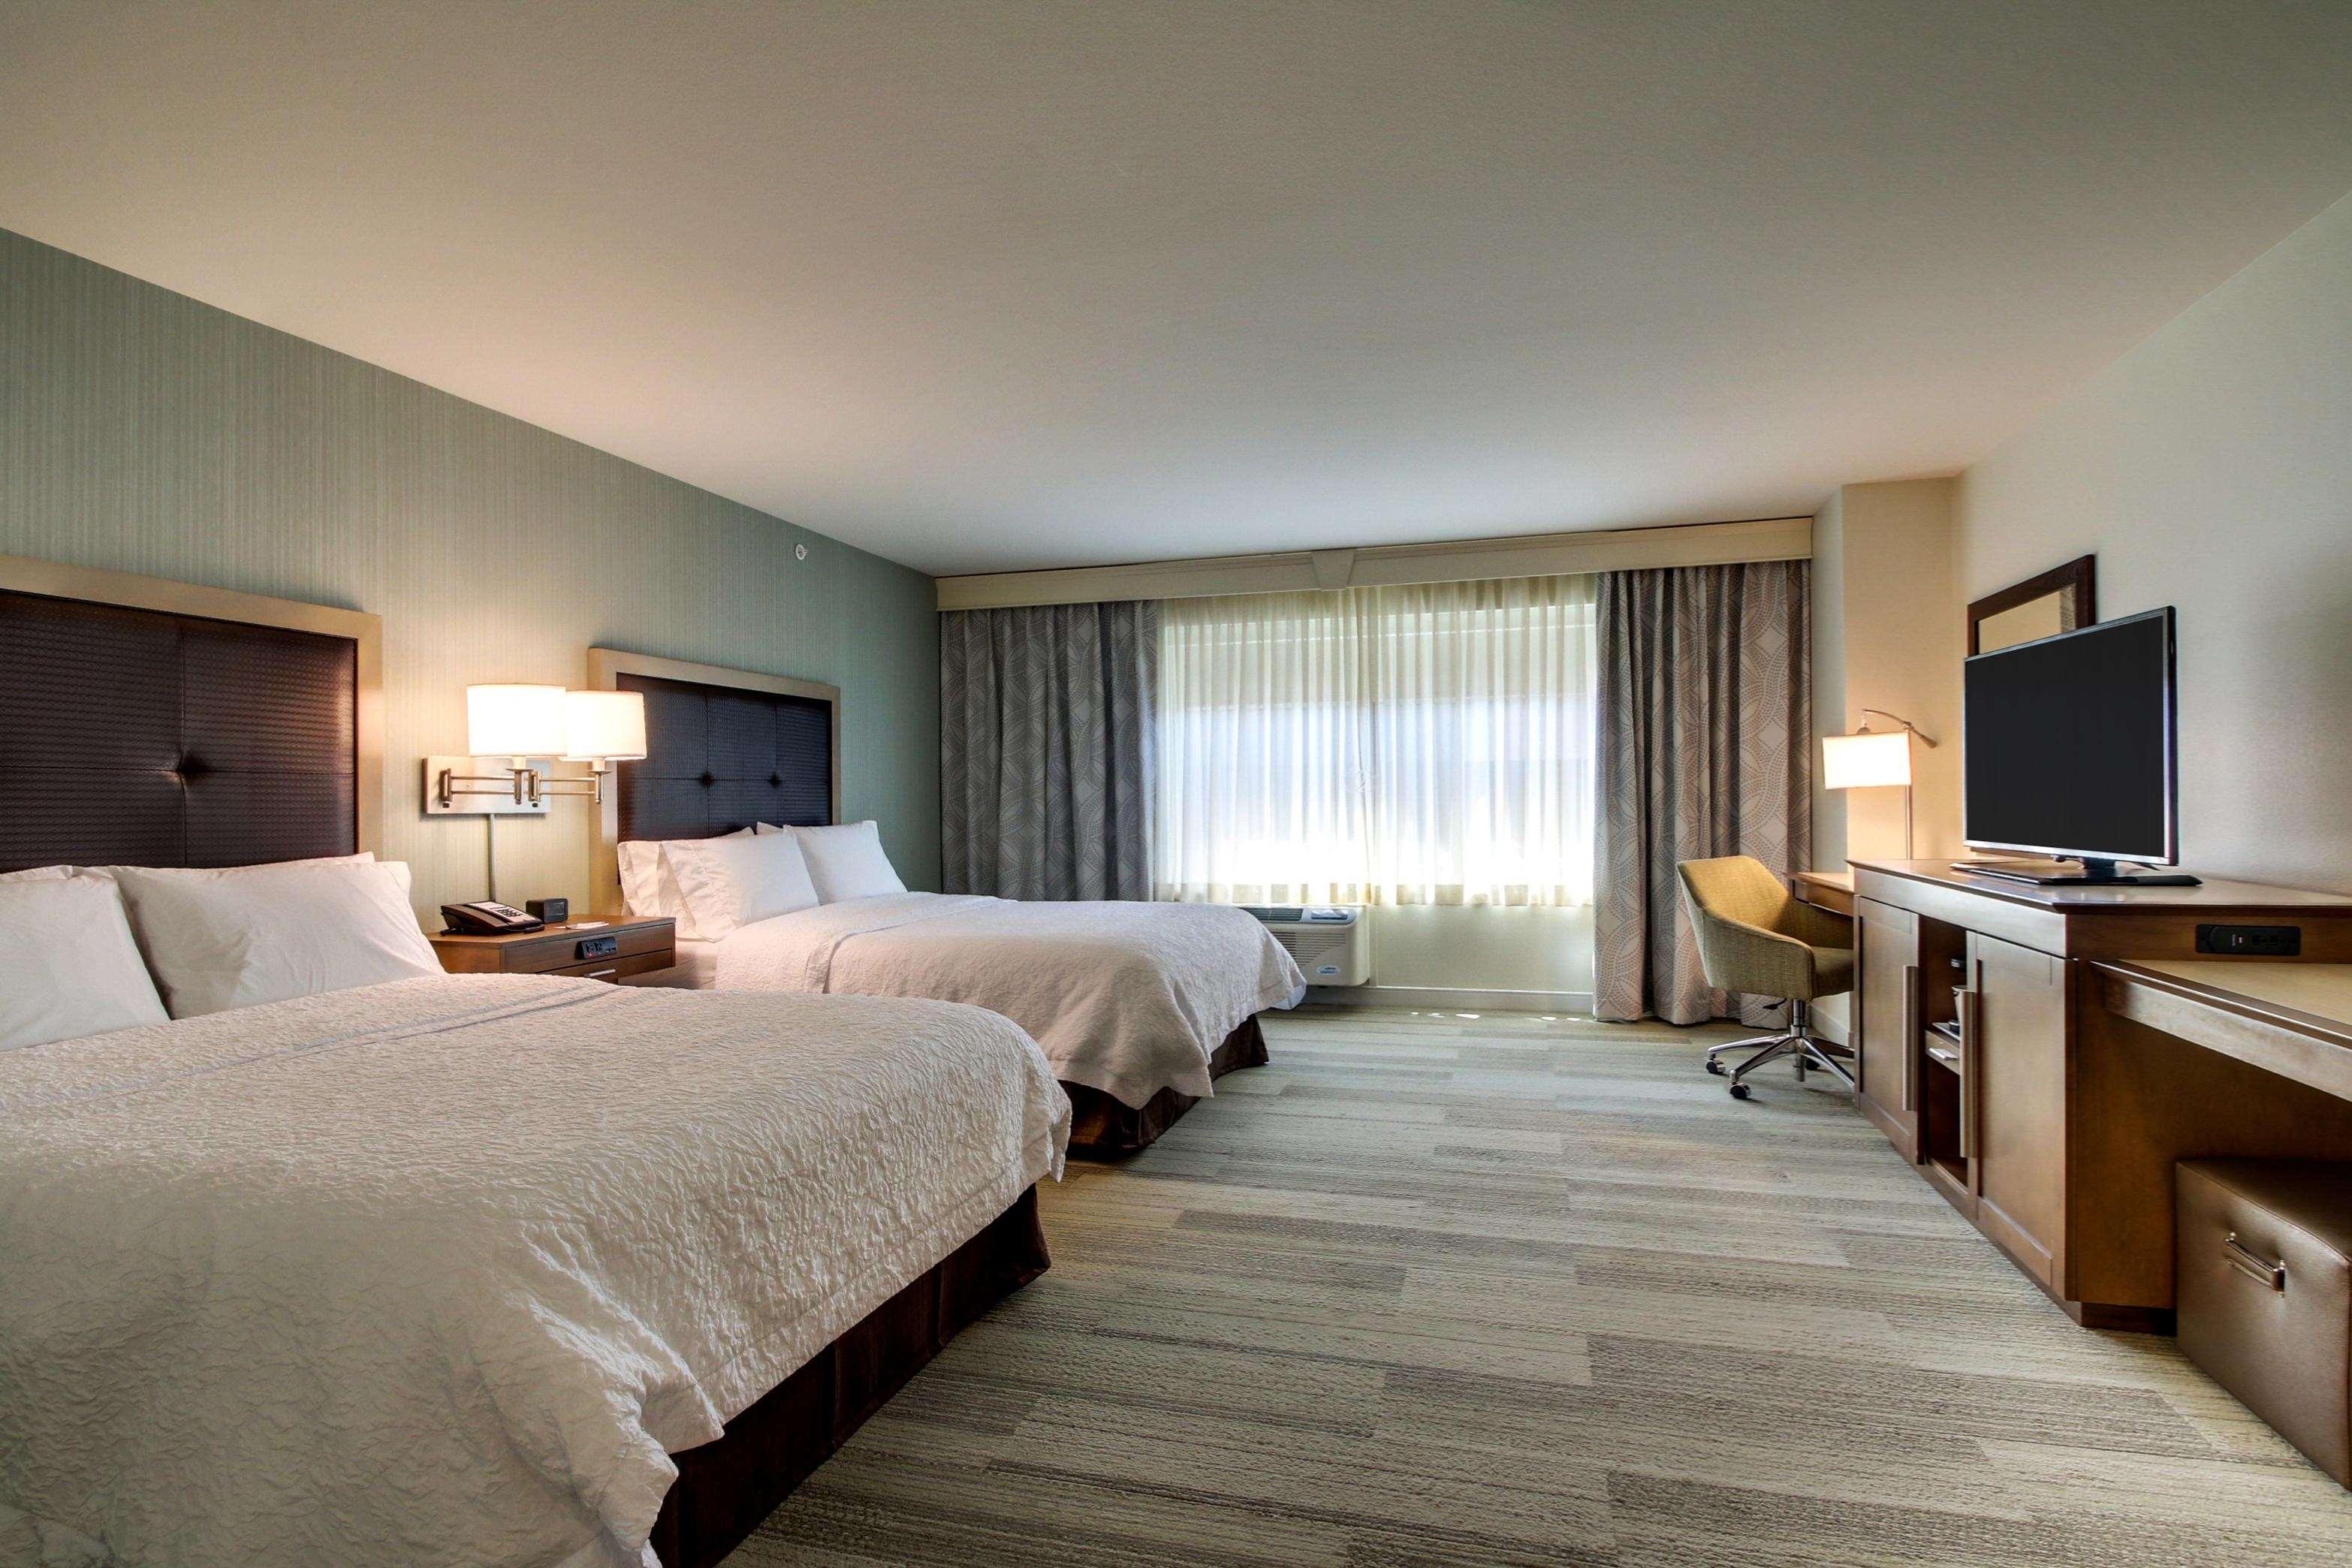 Hampton Inn & Suites Milwaukee West image 27